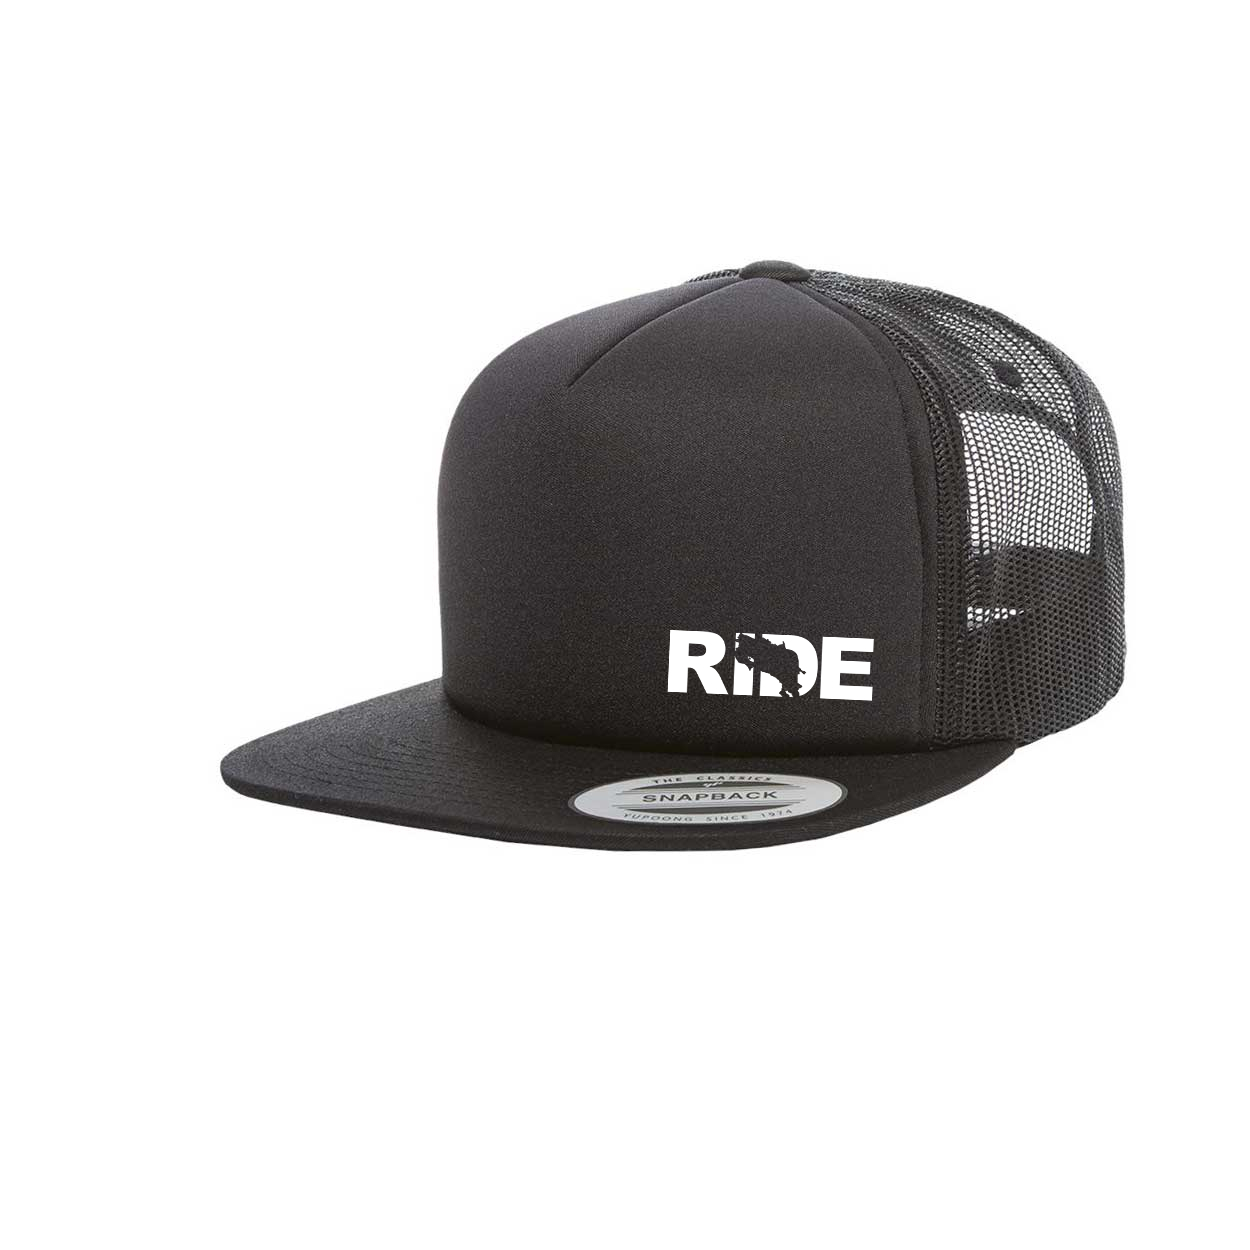 Ride Costa Rica Night Out Premium Foam Flat Brim Snapback Hat Black (White Logo)